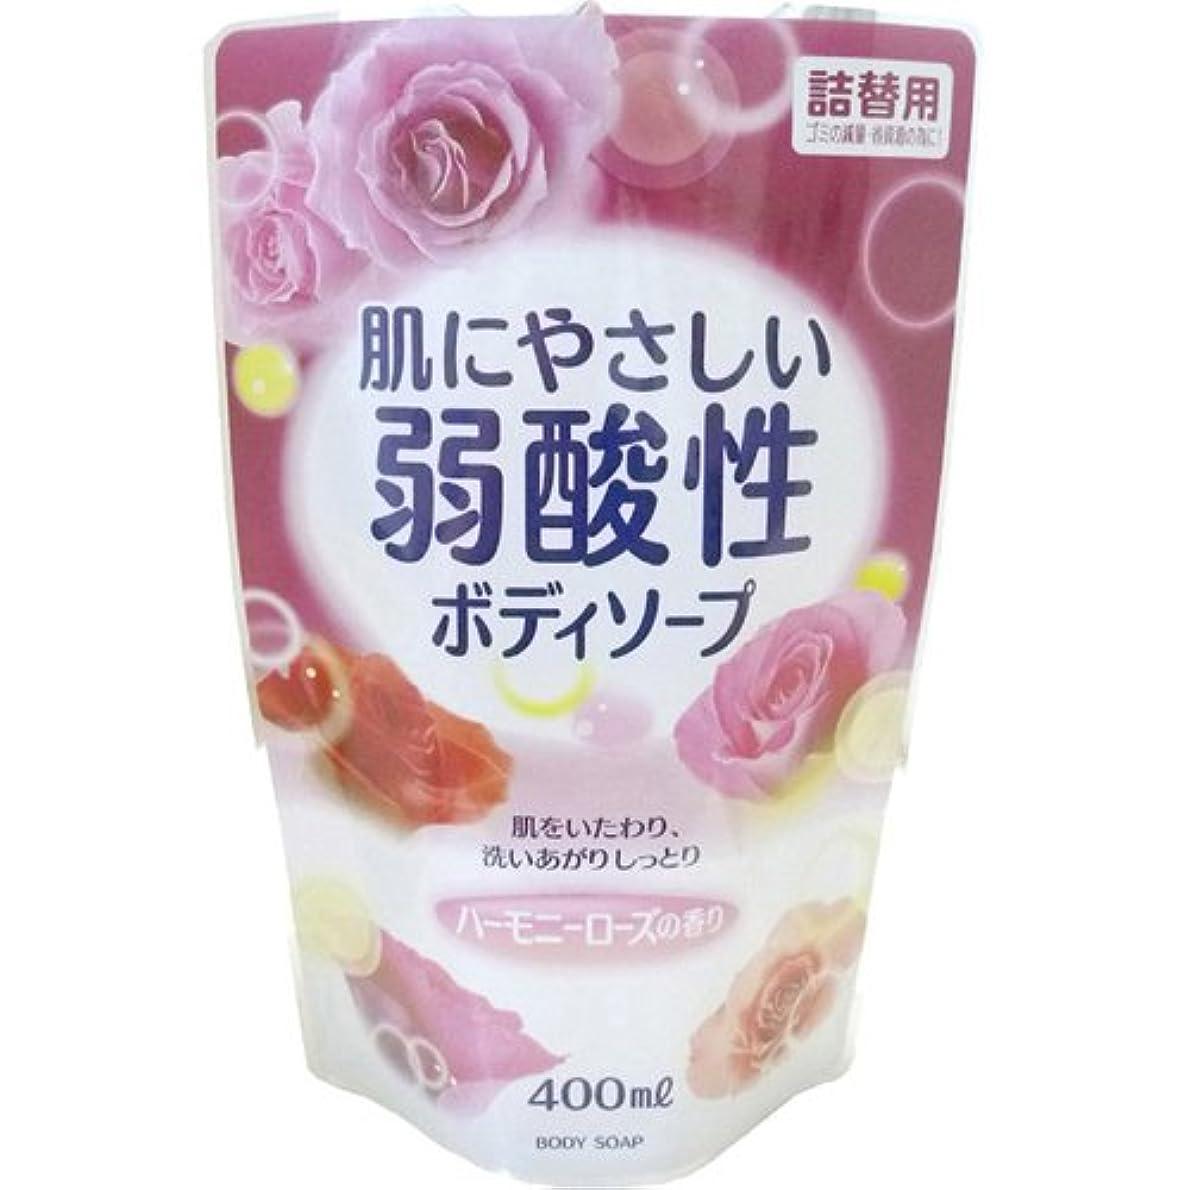 コショウイブ中世の弱酸性ボディソープ ハーモニーローズの香り 詰替用 400ml